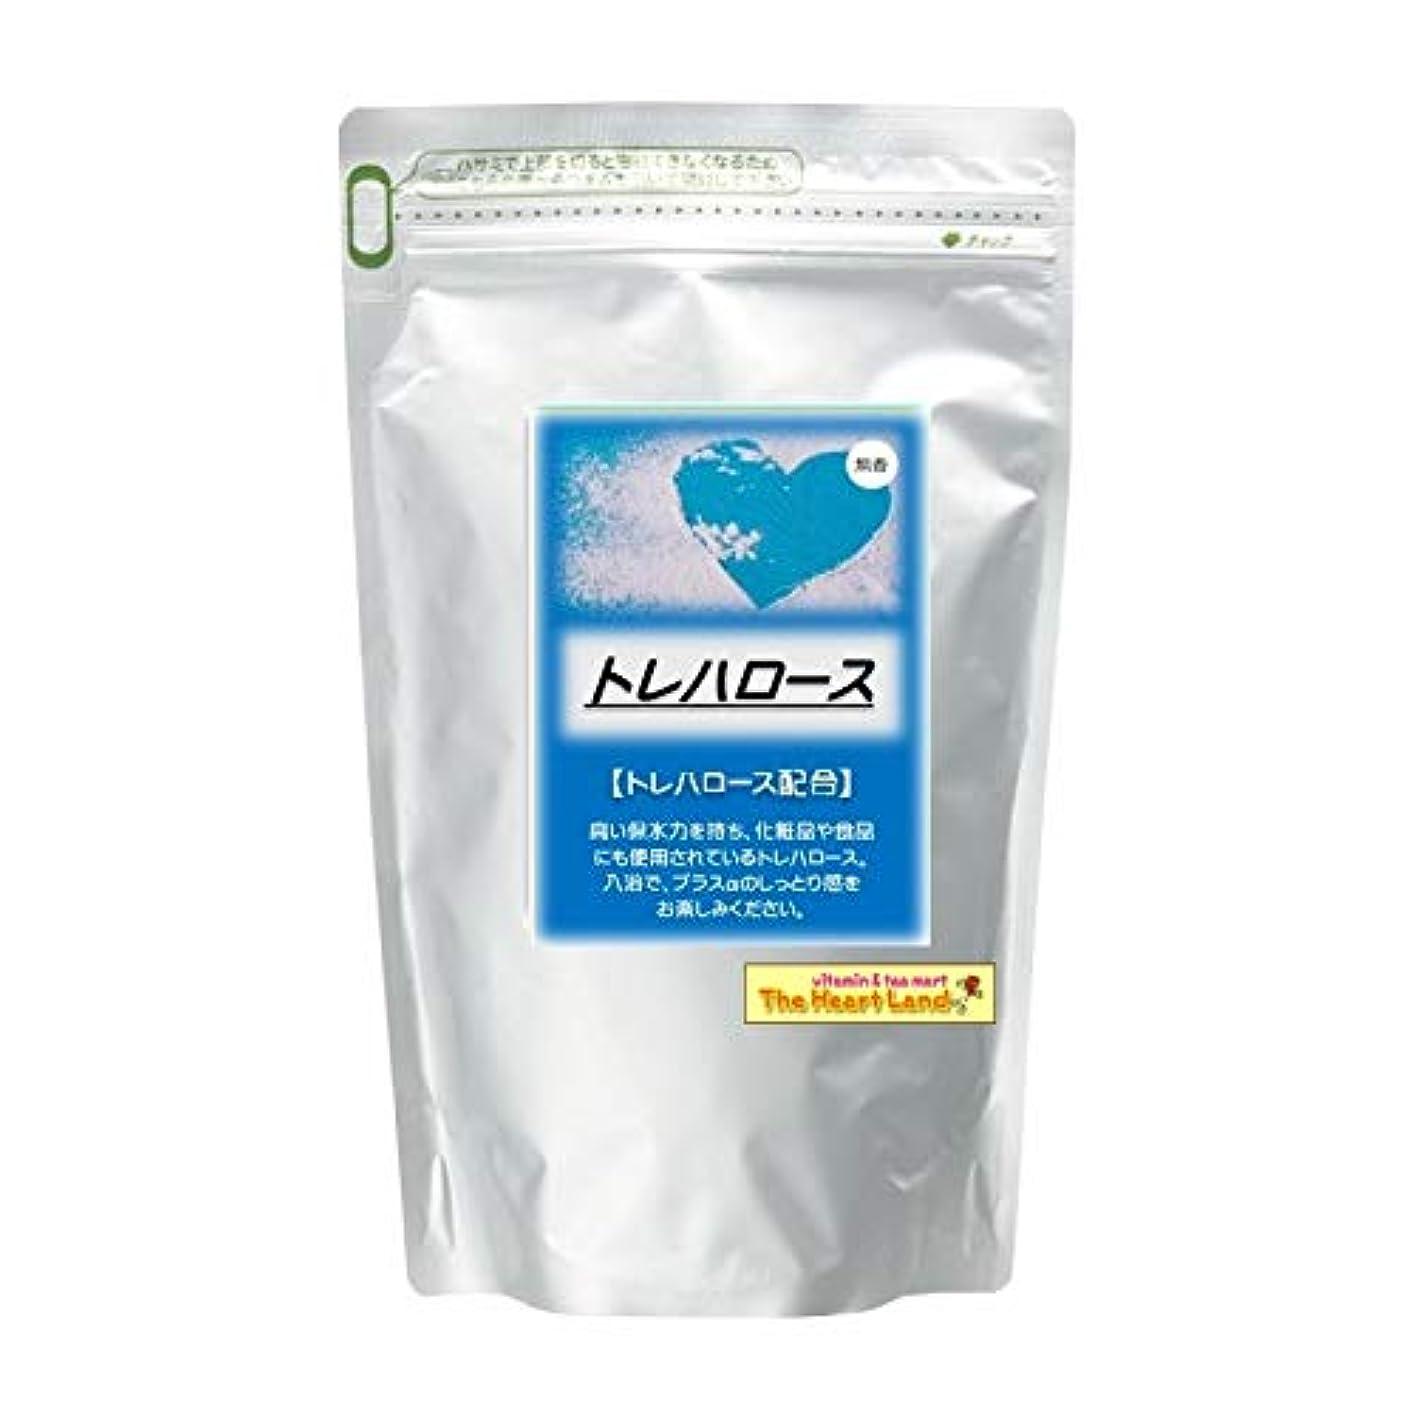 追記運営パワーセルアサヒ入浴剤 浴用入浴化粧品 トレハロース 300g